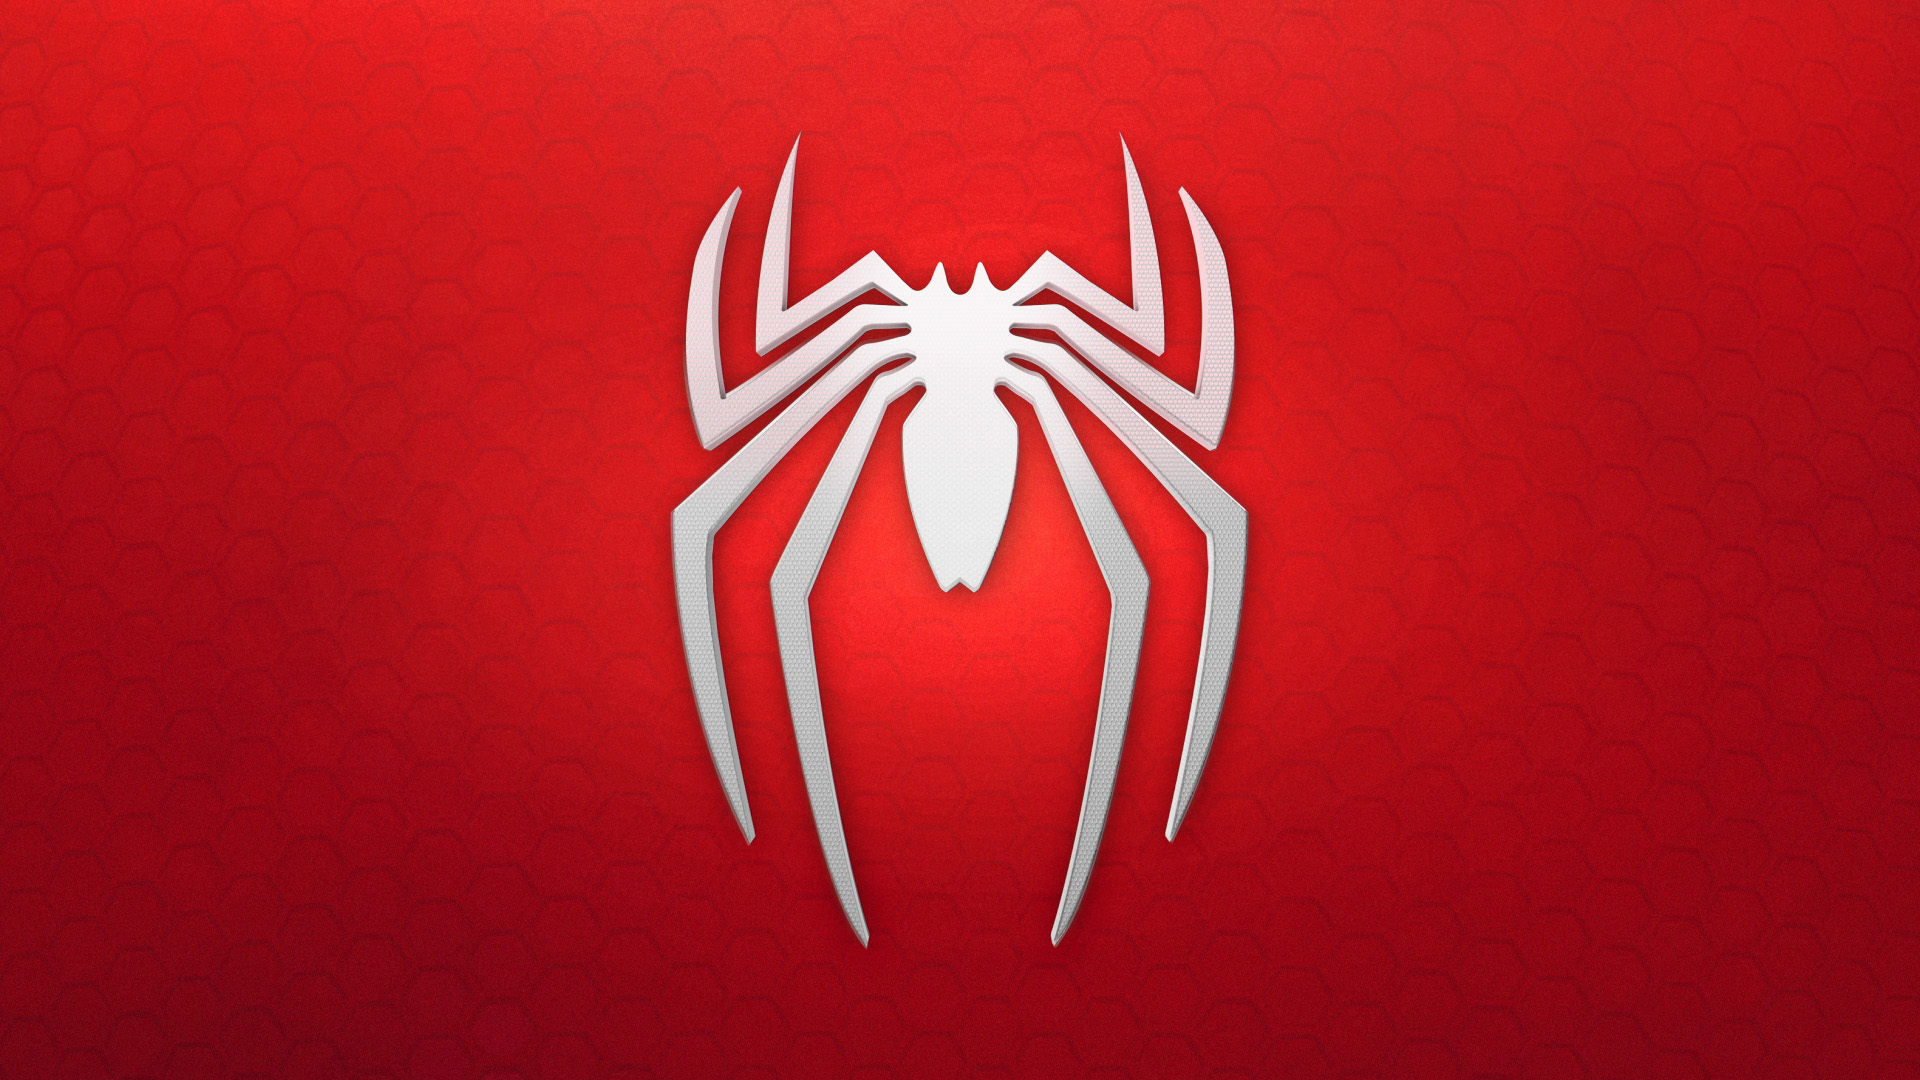 علت تغییر رنگ لوگوی Spider-Man در جریان داستان بازی ارائه خواهد شد